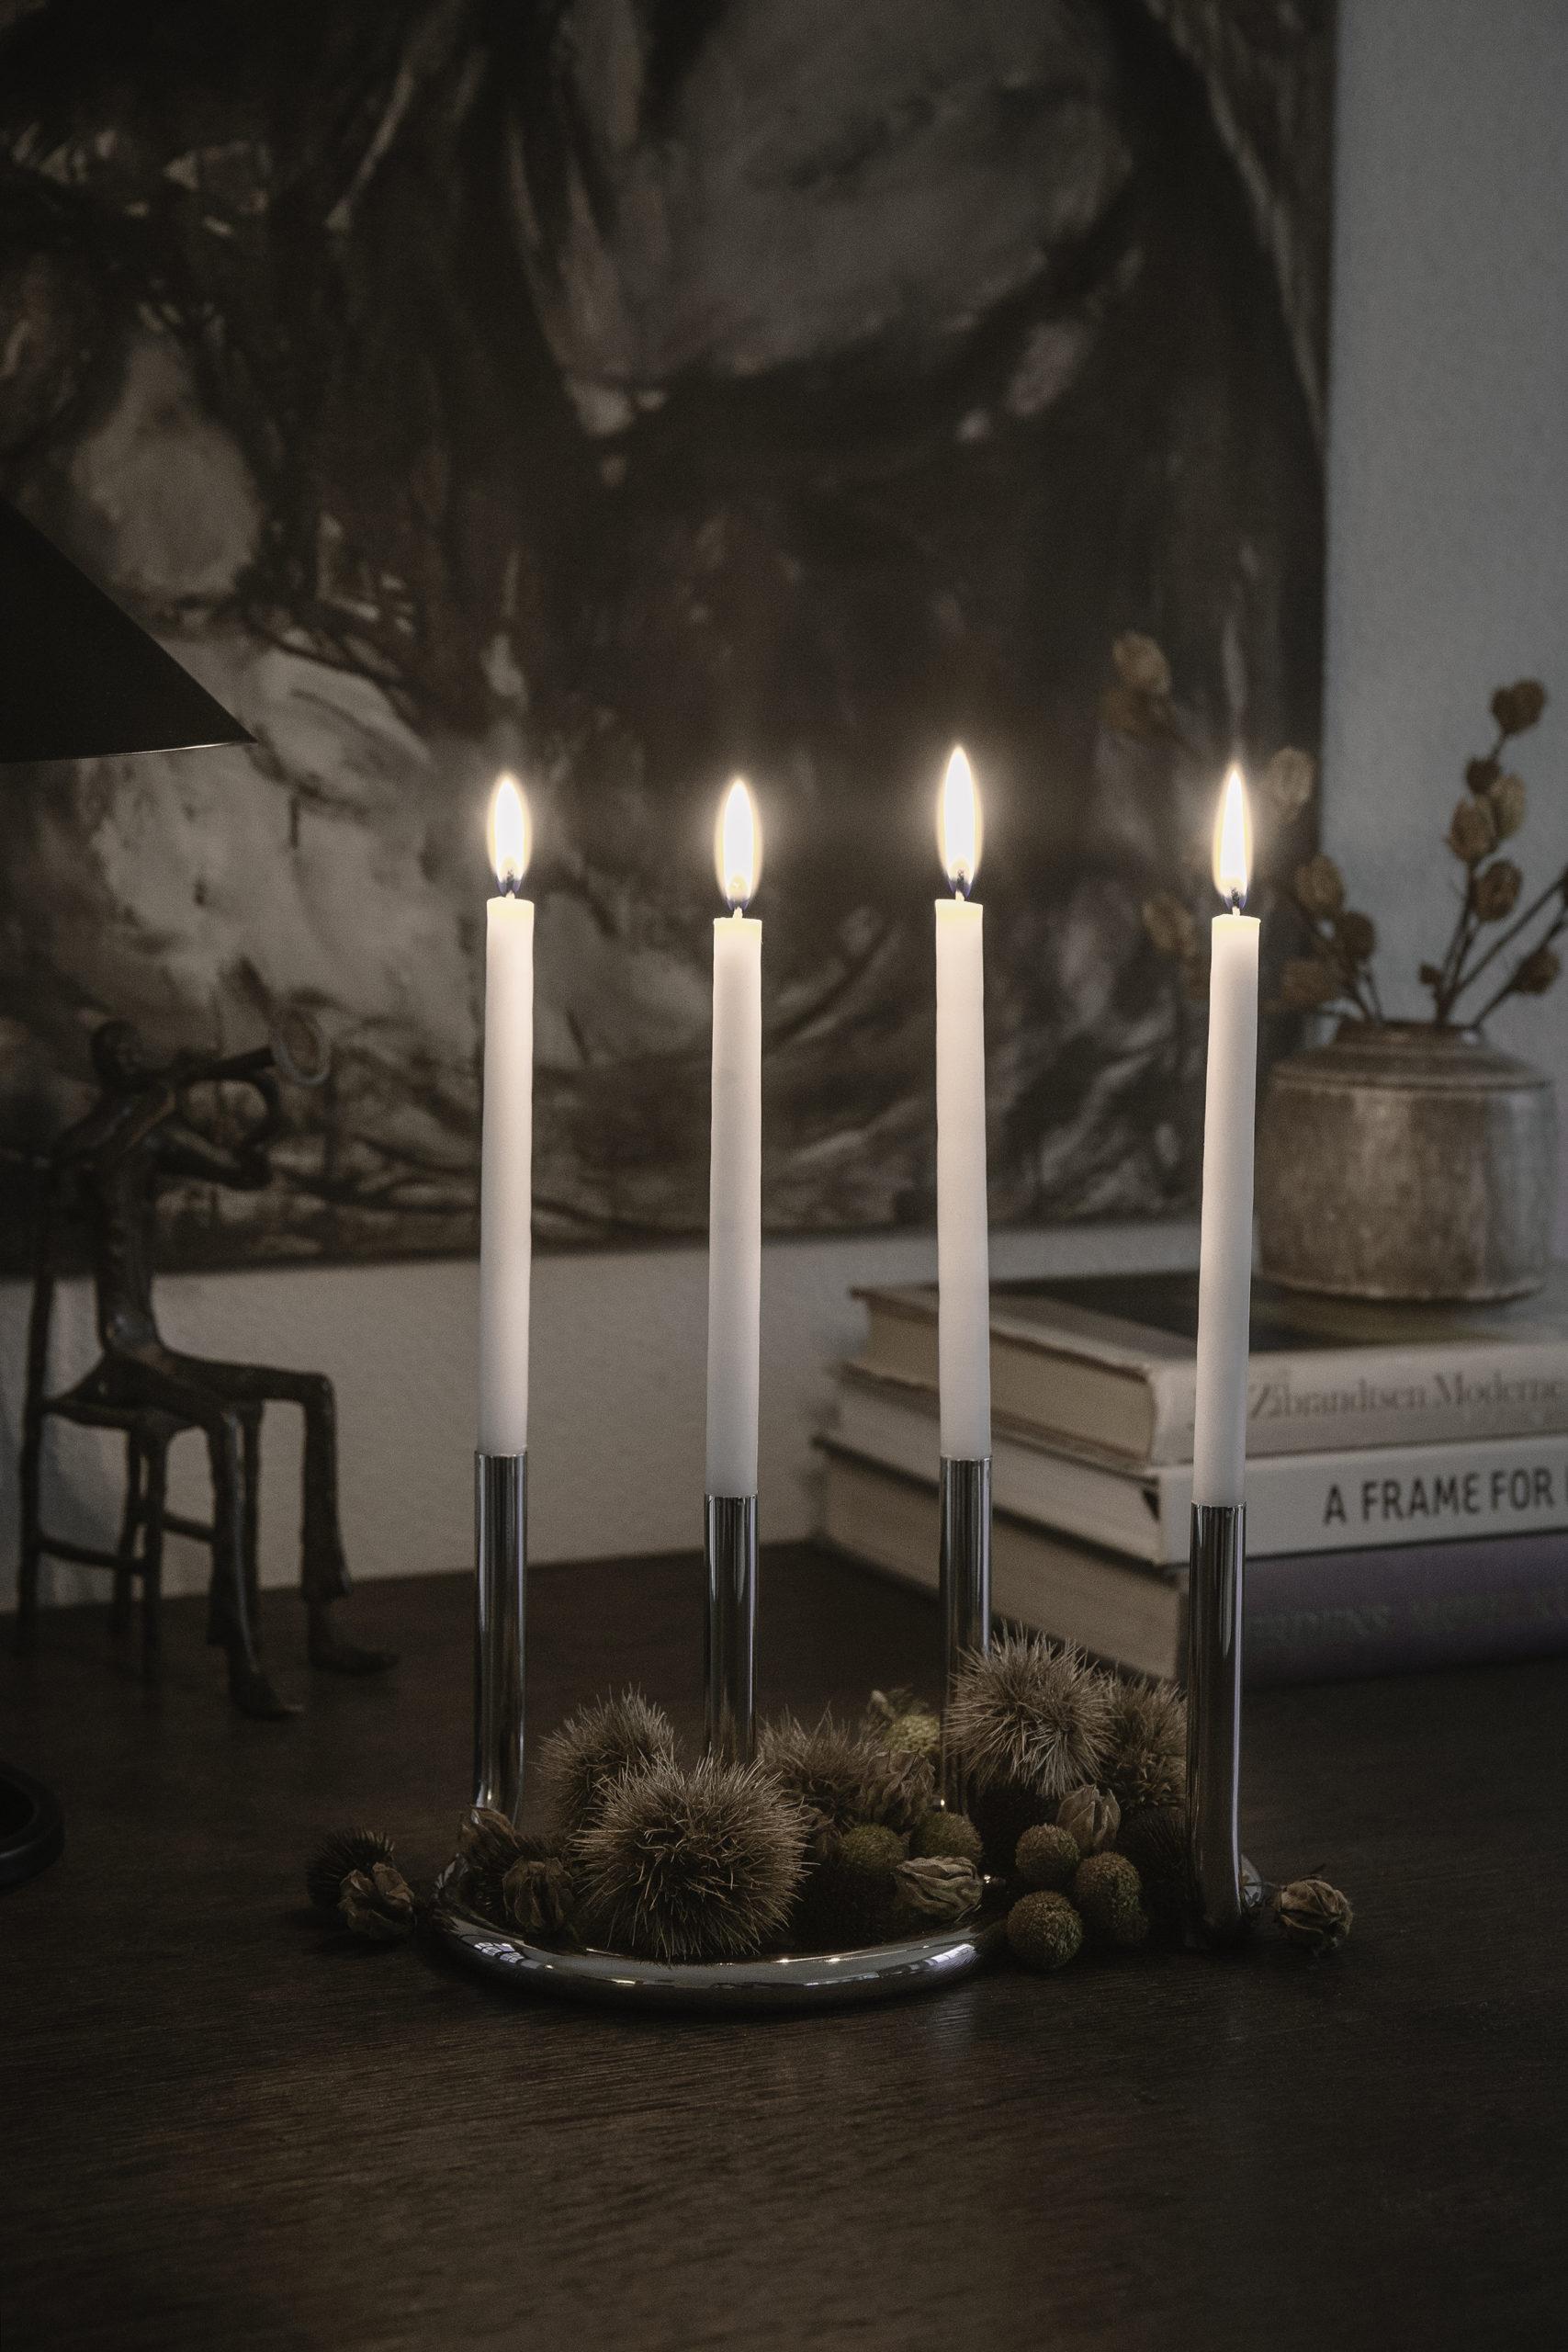 Architectmade-Gemini-Candleholder-Stainless-Steel-Denmark-Peter-Karpf-7